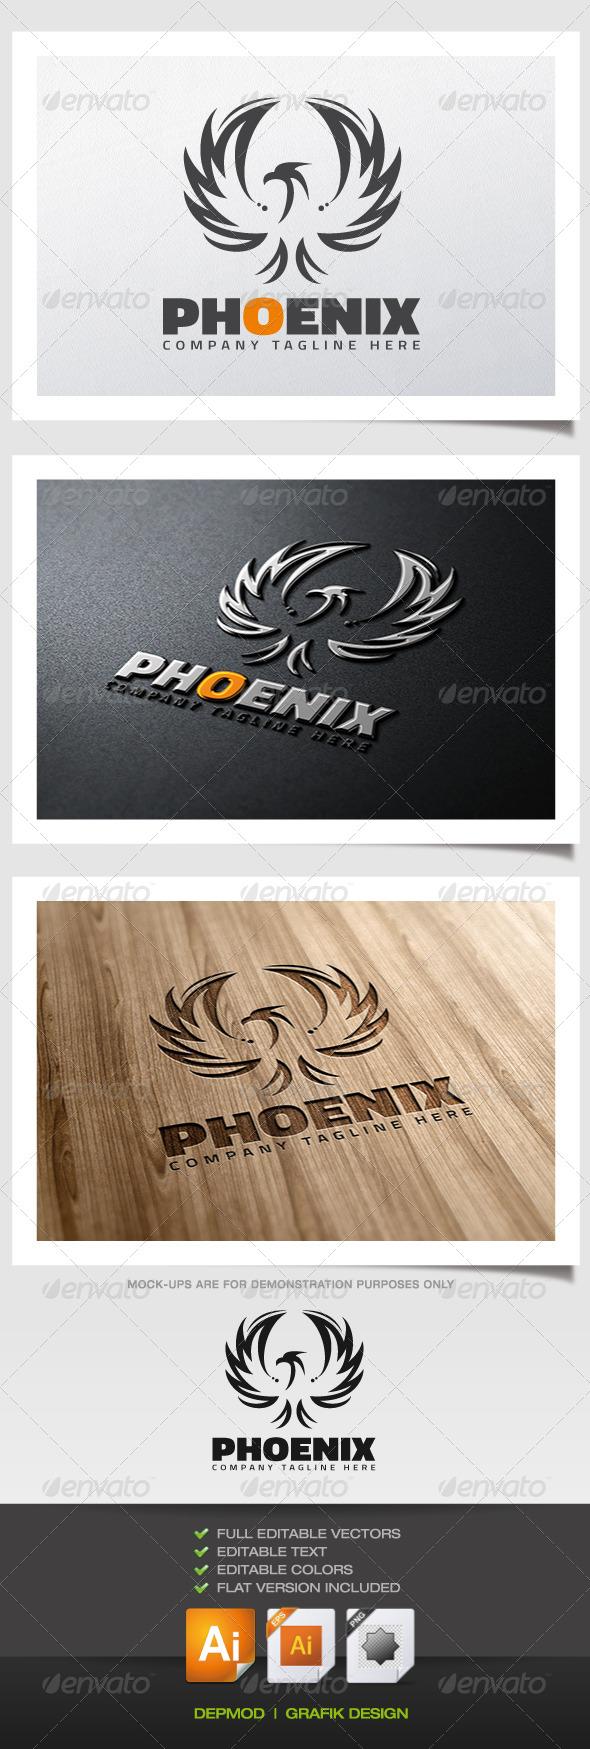 GraphicRiver Phoenix Logo 5732686